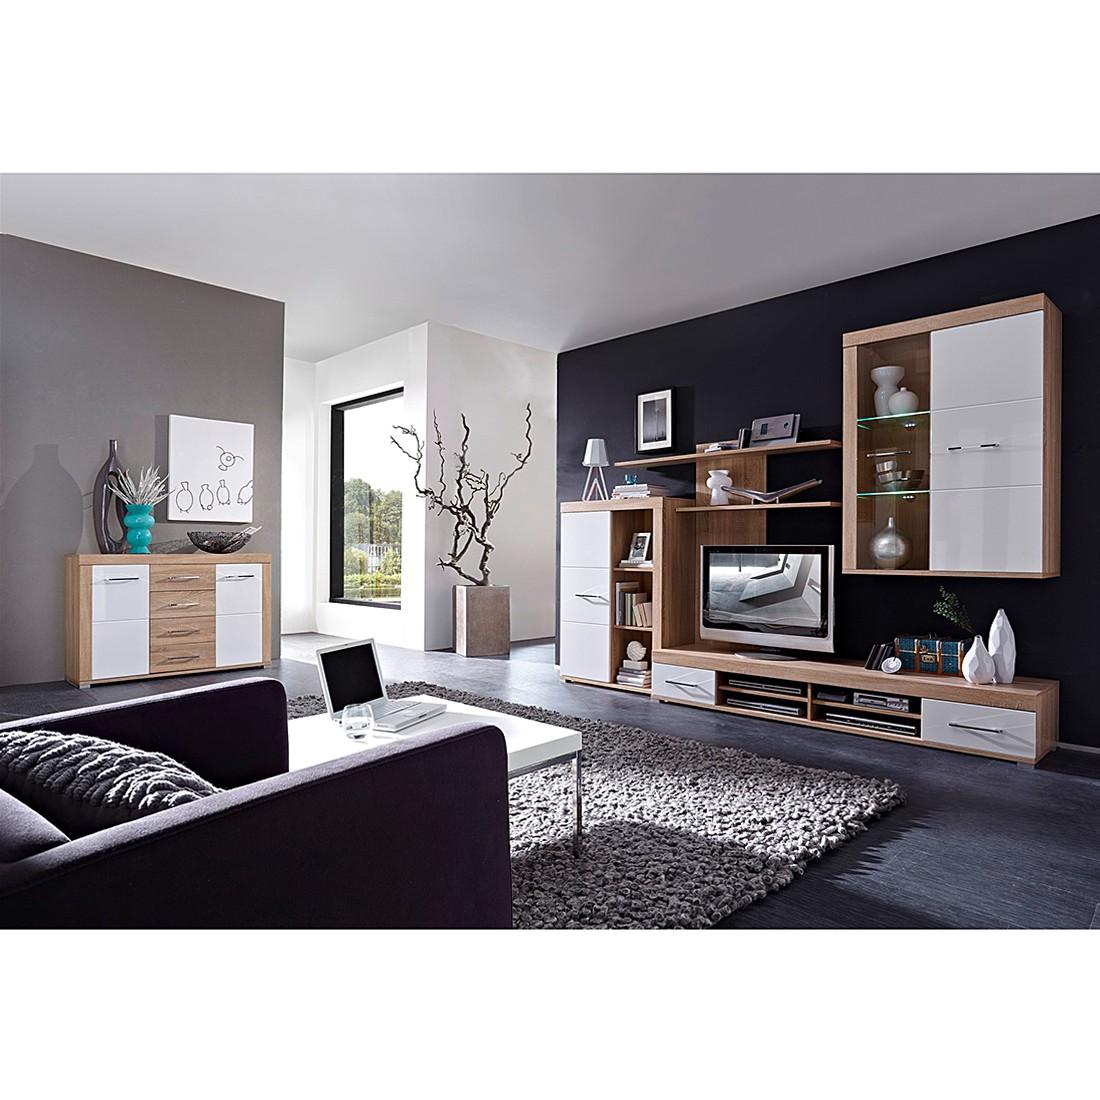 Sideboard Von Modoform Bei Home24 Bestellen | Home24